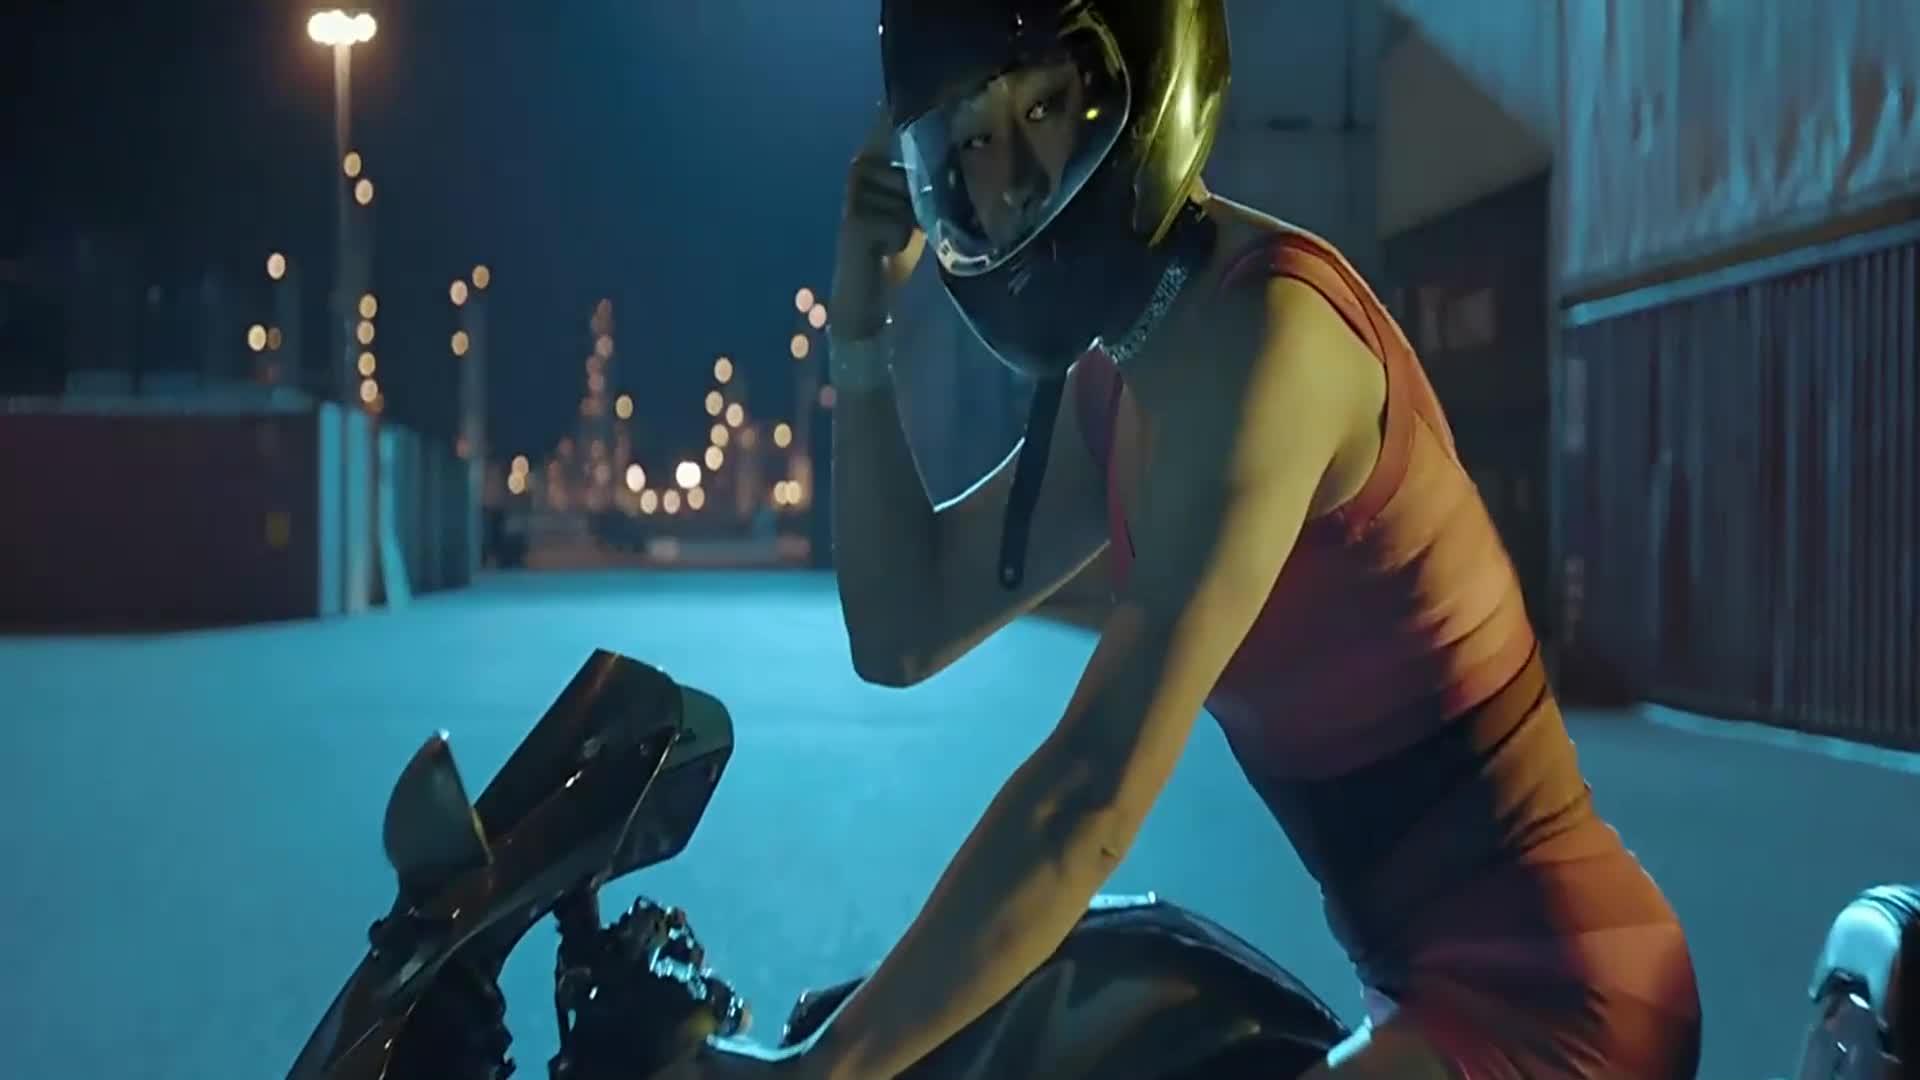 冲直撞好莱坞:《速度与激情9》黄晓明你被录取了